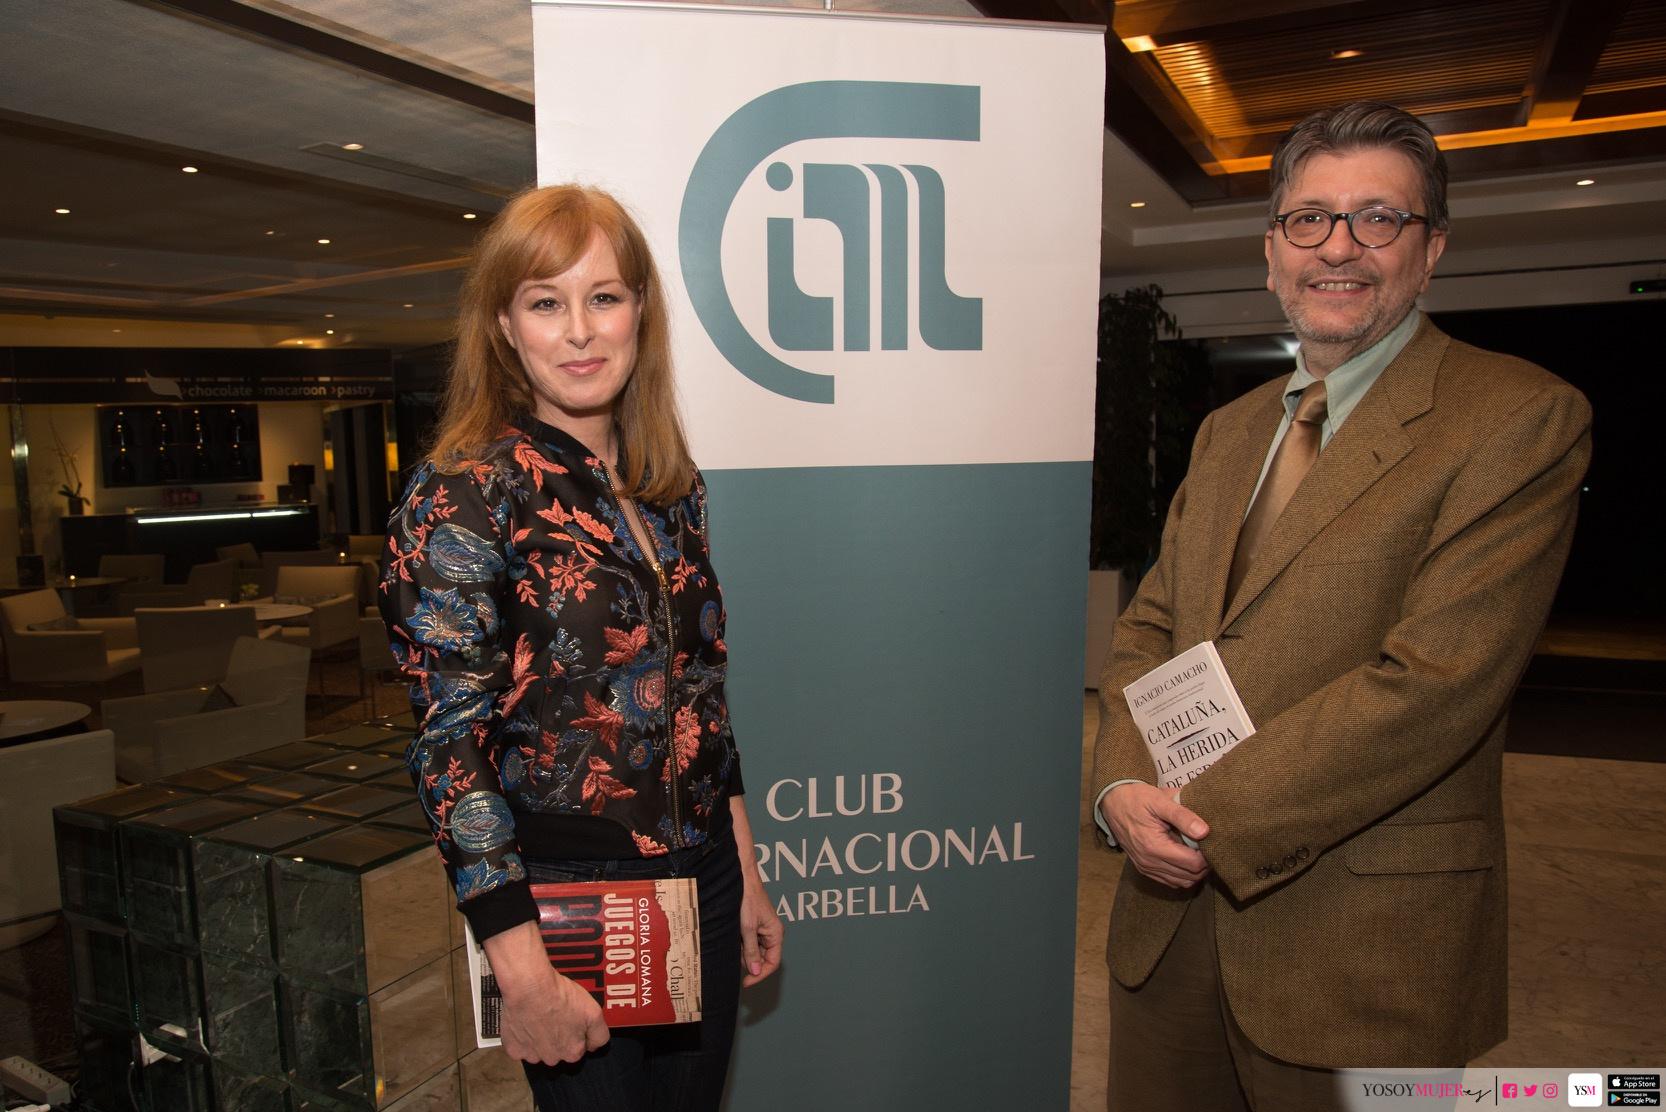 Club Internacional de Marbella